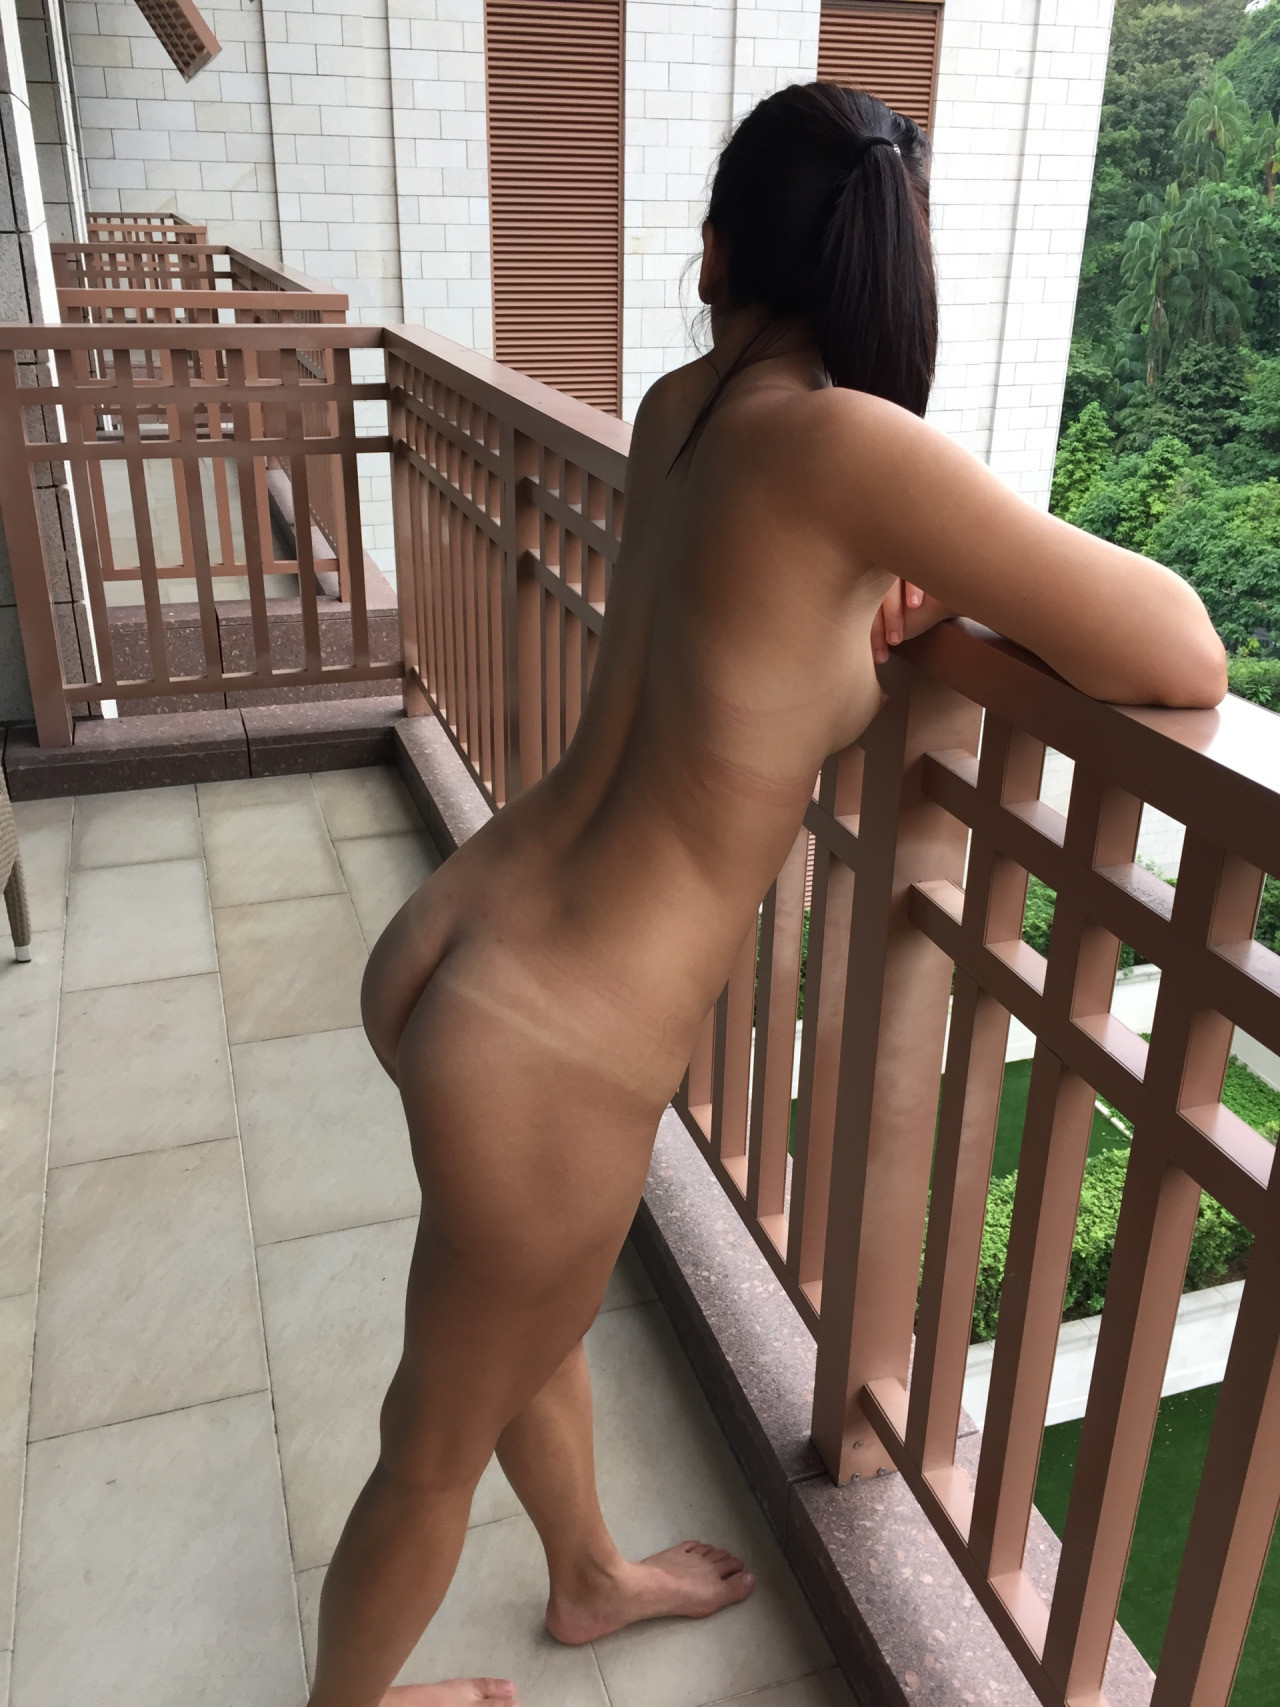 Вышла на балкон отеля голая